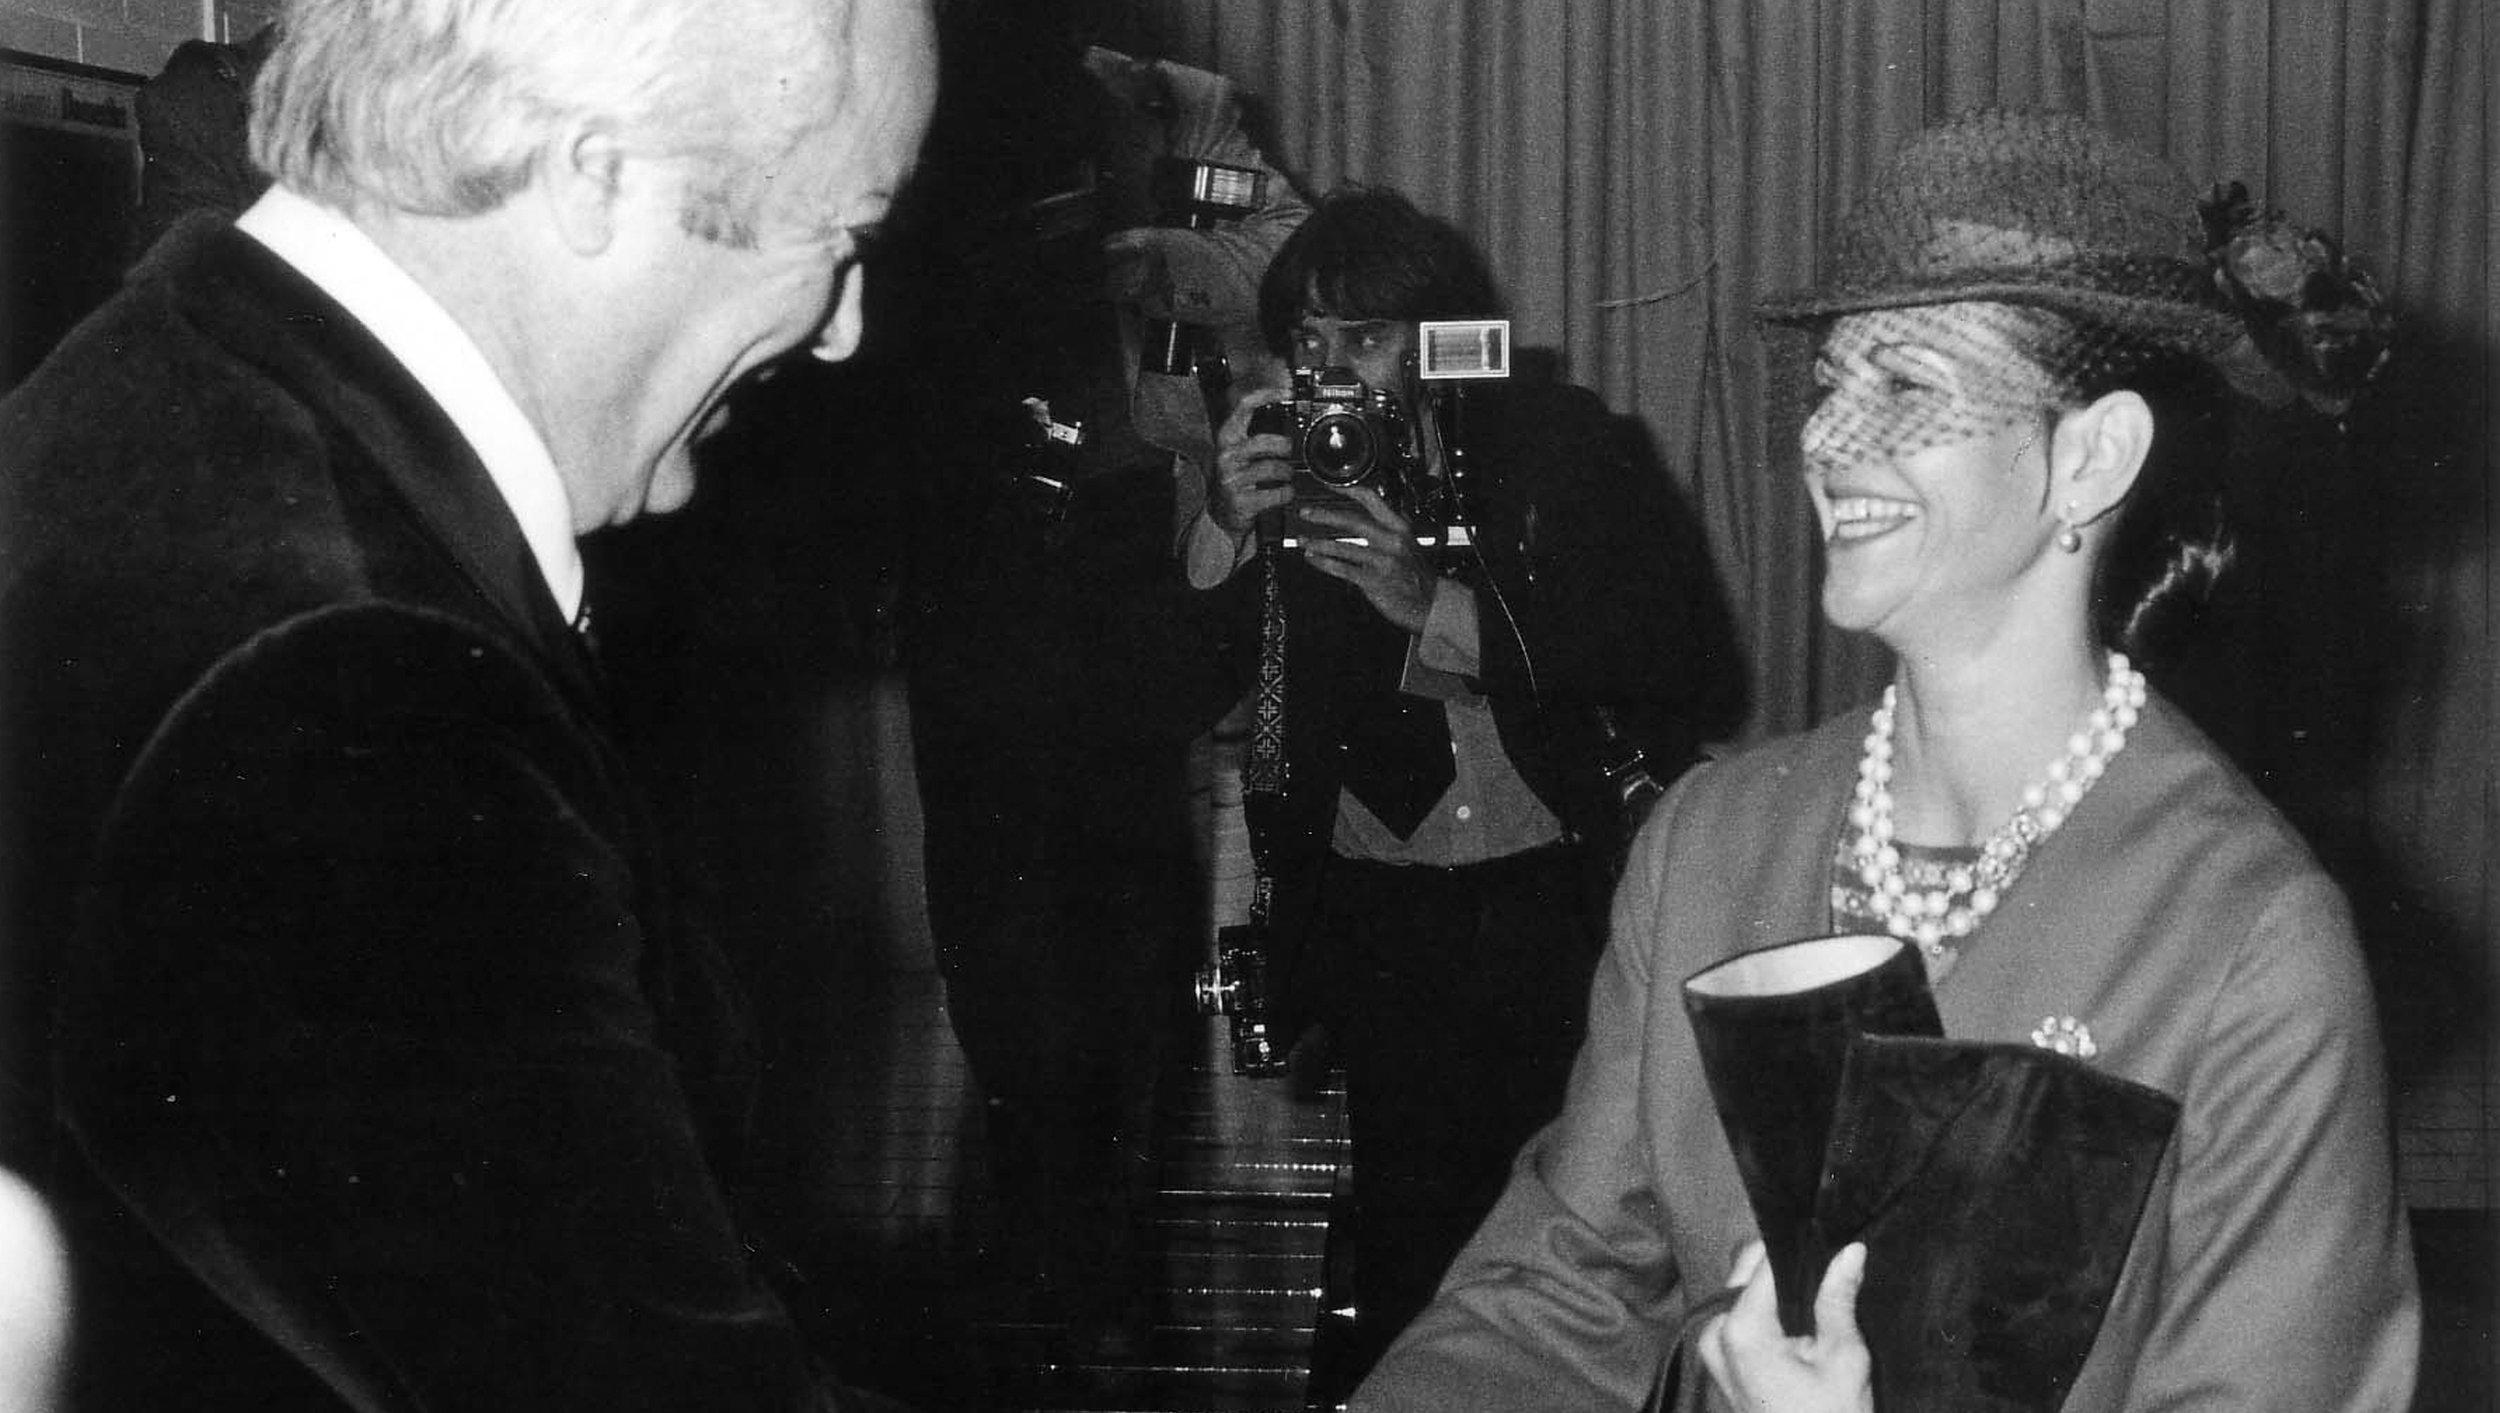 Ruotsin kuningaspari tehdasvierailulla Tampereella vuonna -79. Kuningatar Silvia vastaanottaa Pertiltä parin viininpunaisia mokkasaappaita.